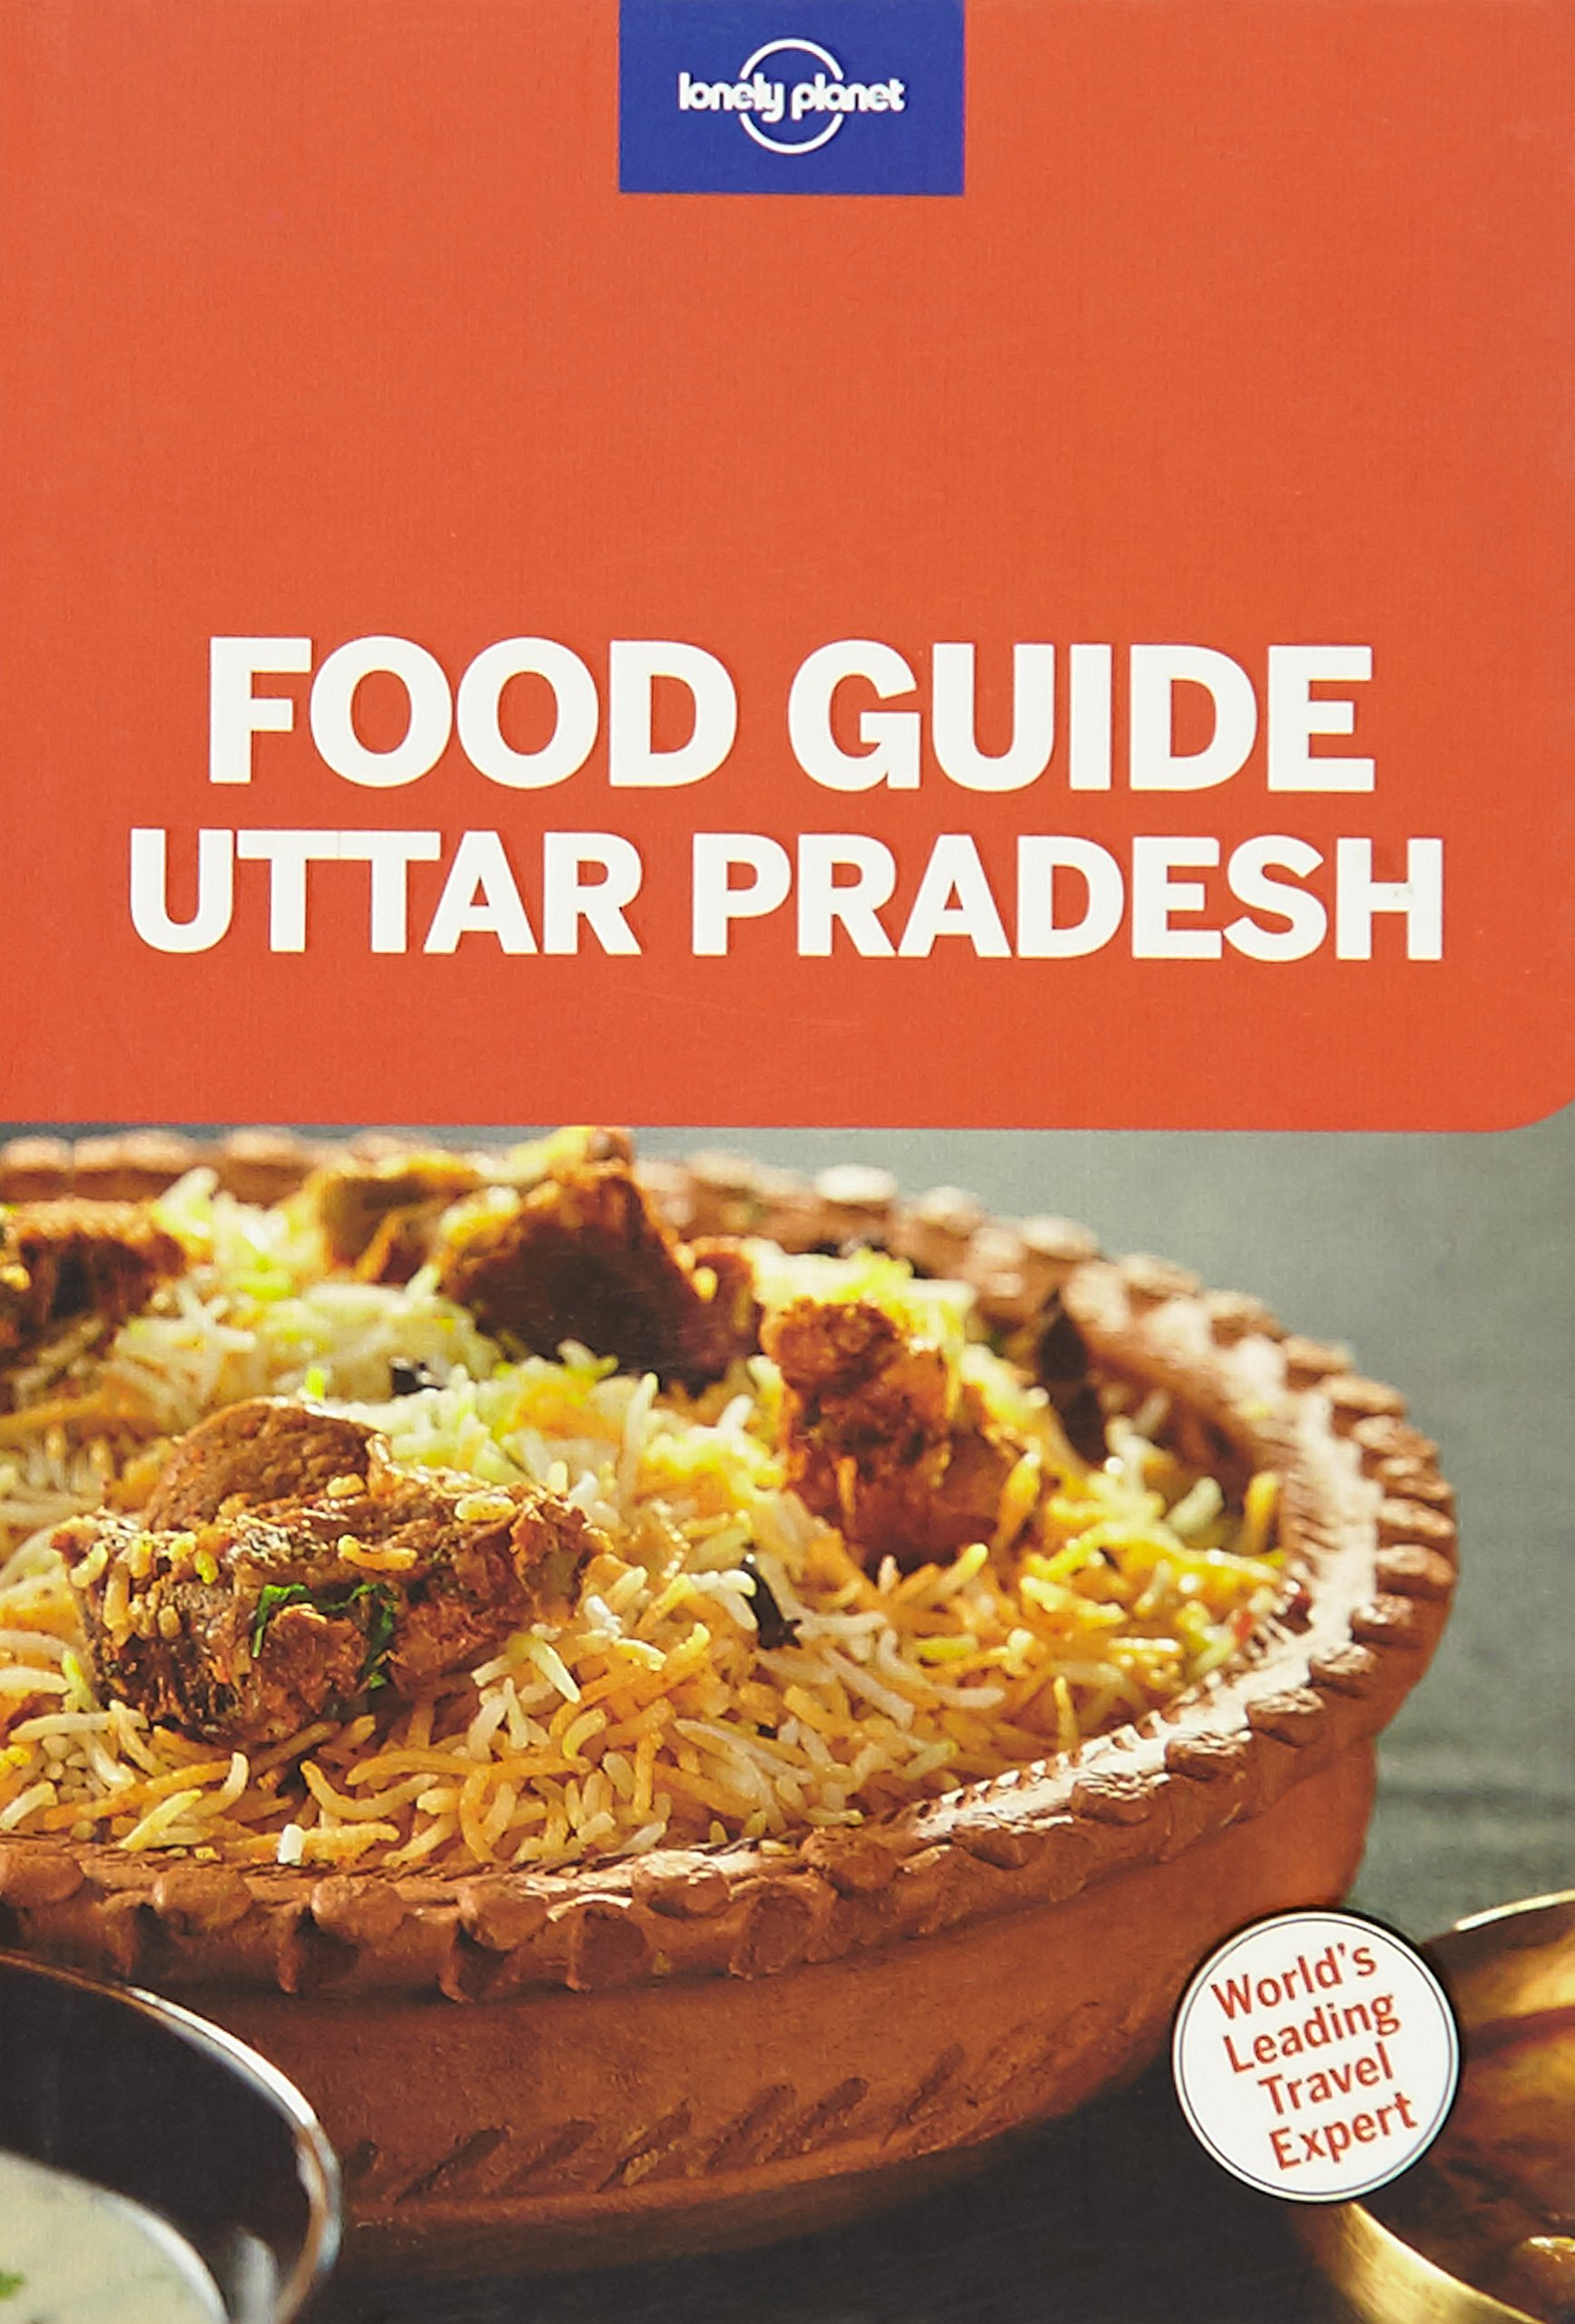 Buy food guide uttar pradesh book online at low prices in india buy food guide uttar pradesh book online at low prices in india food guide uttar pradesh reviews ratings amazon forumfinder Images